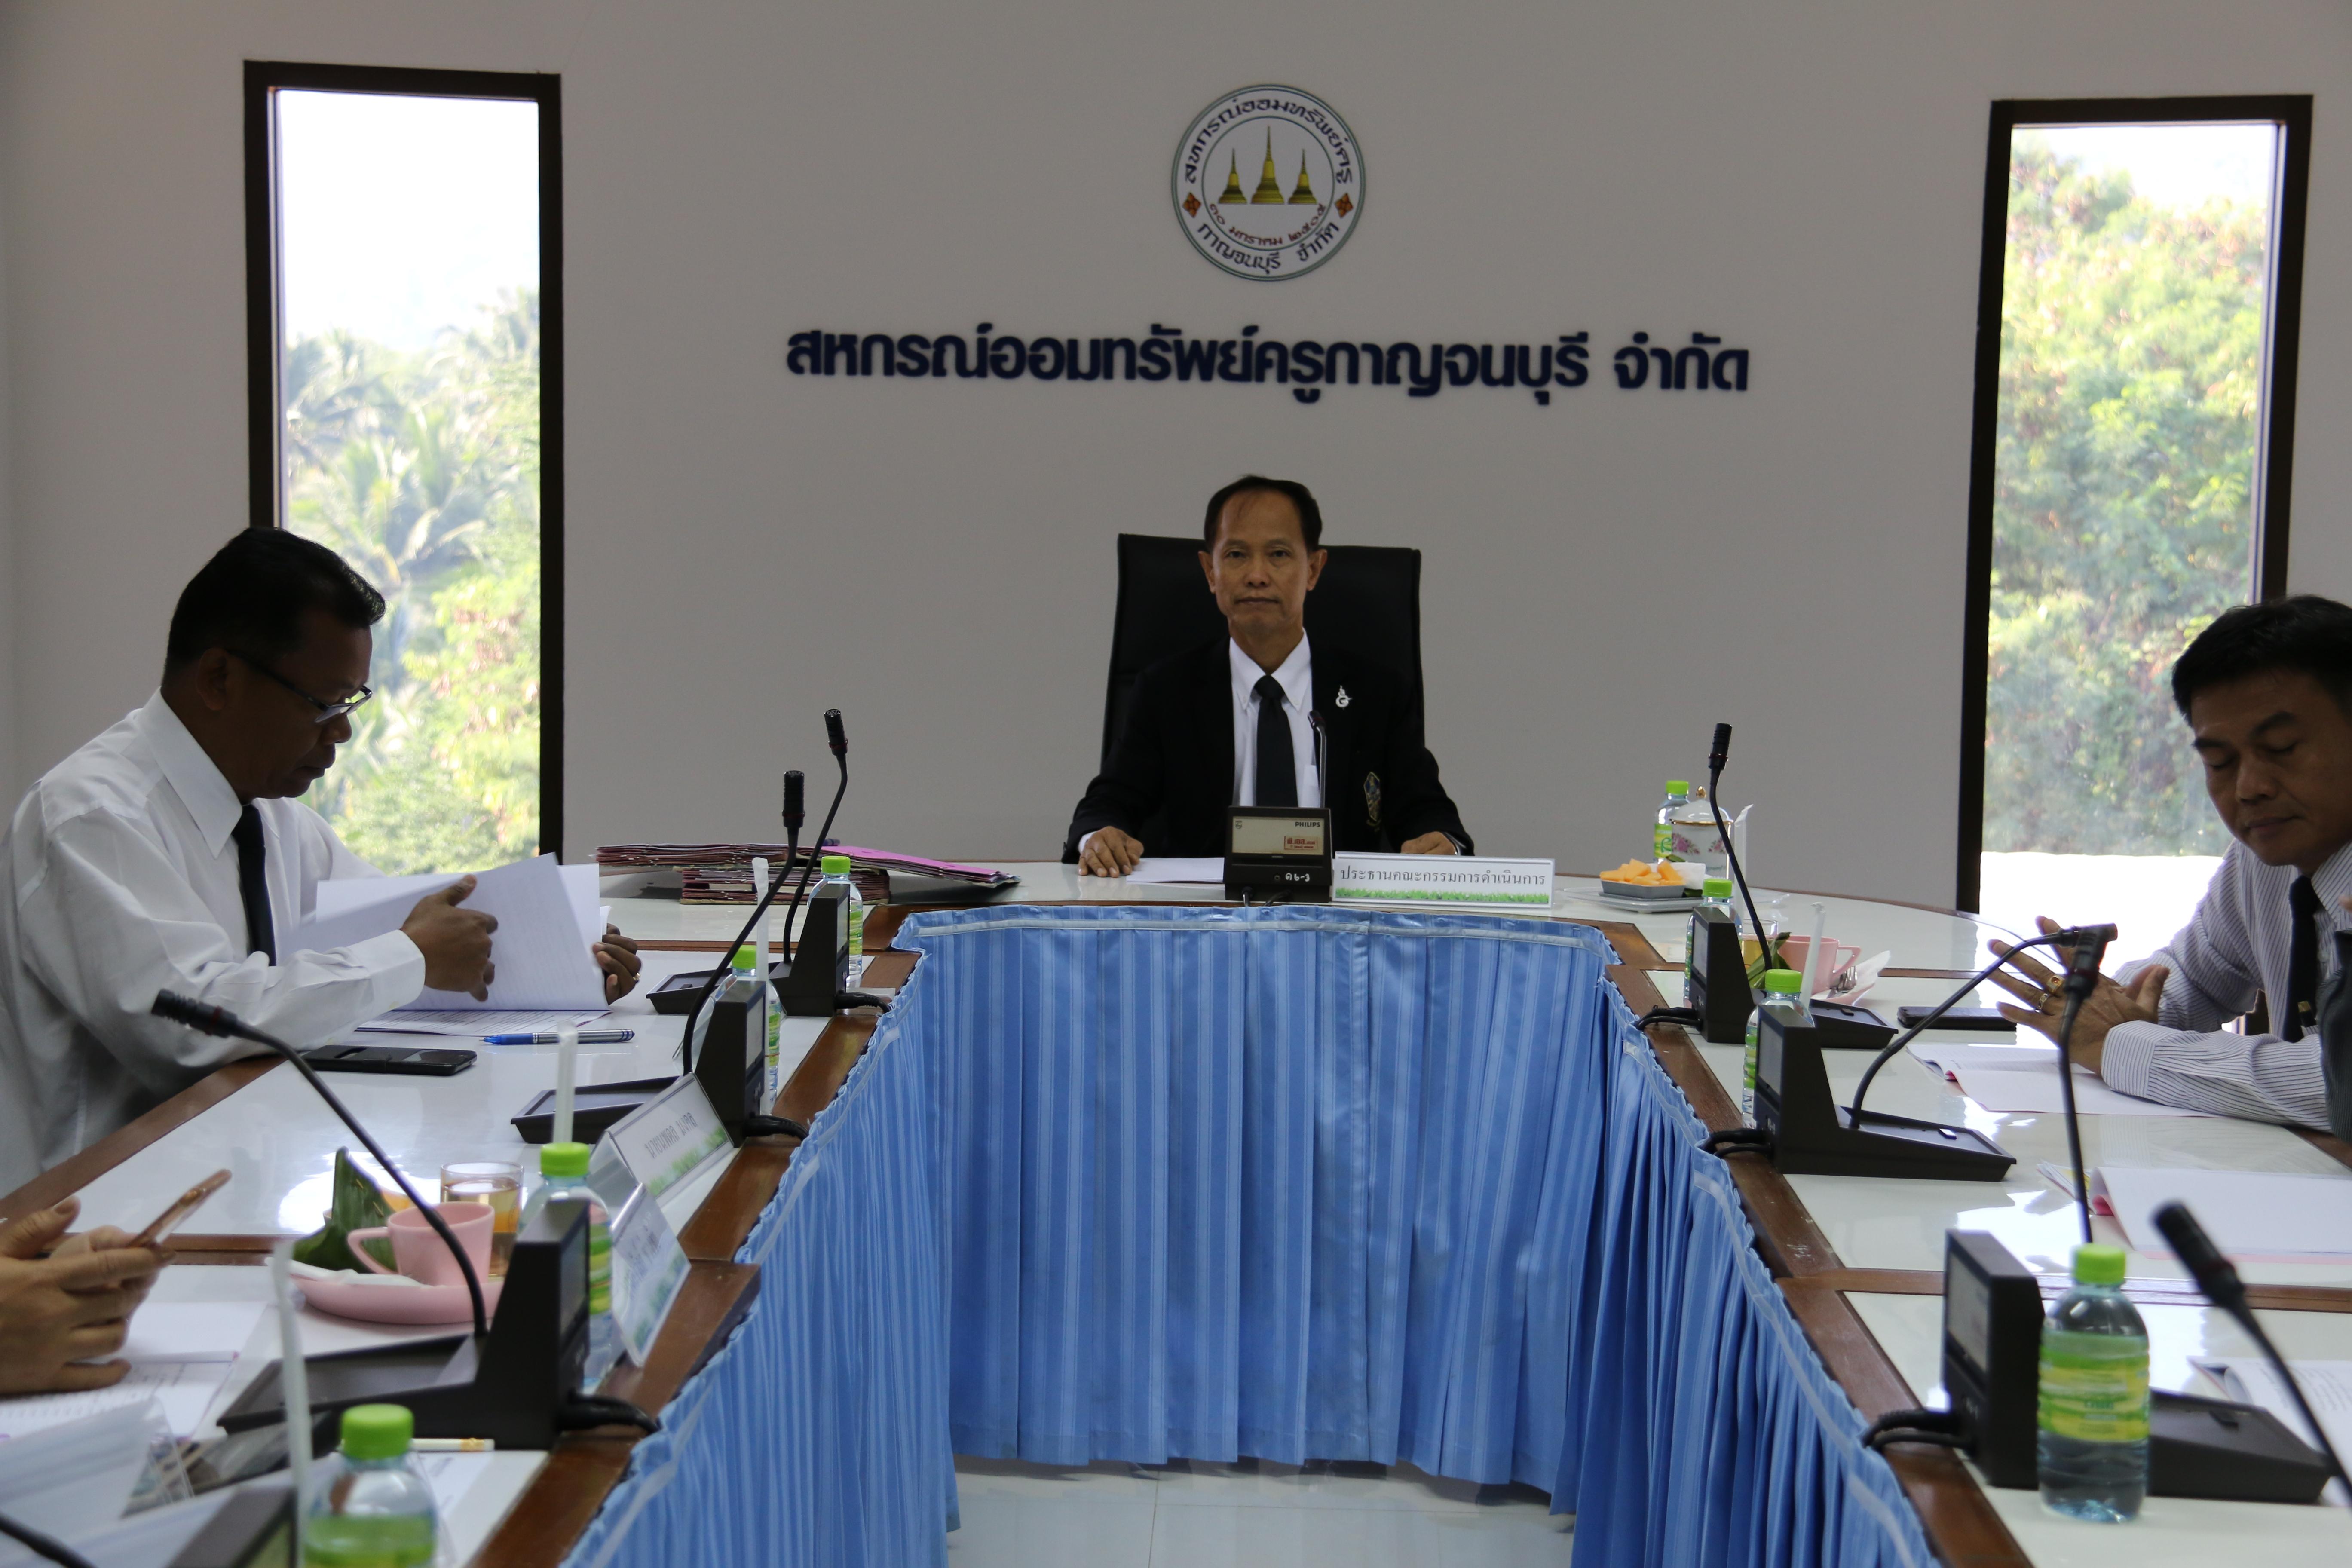 ประชุมคณะกรรมการดำเนินการชุดที่ 56 ประจำปีบัญชี 2560